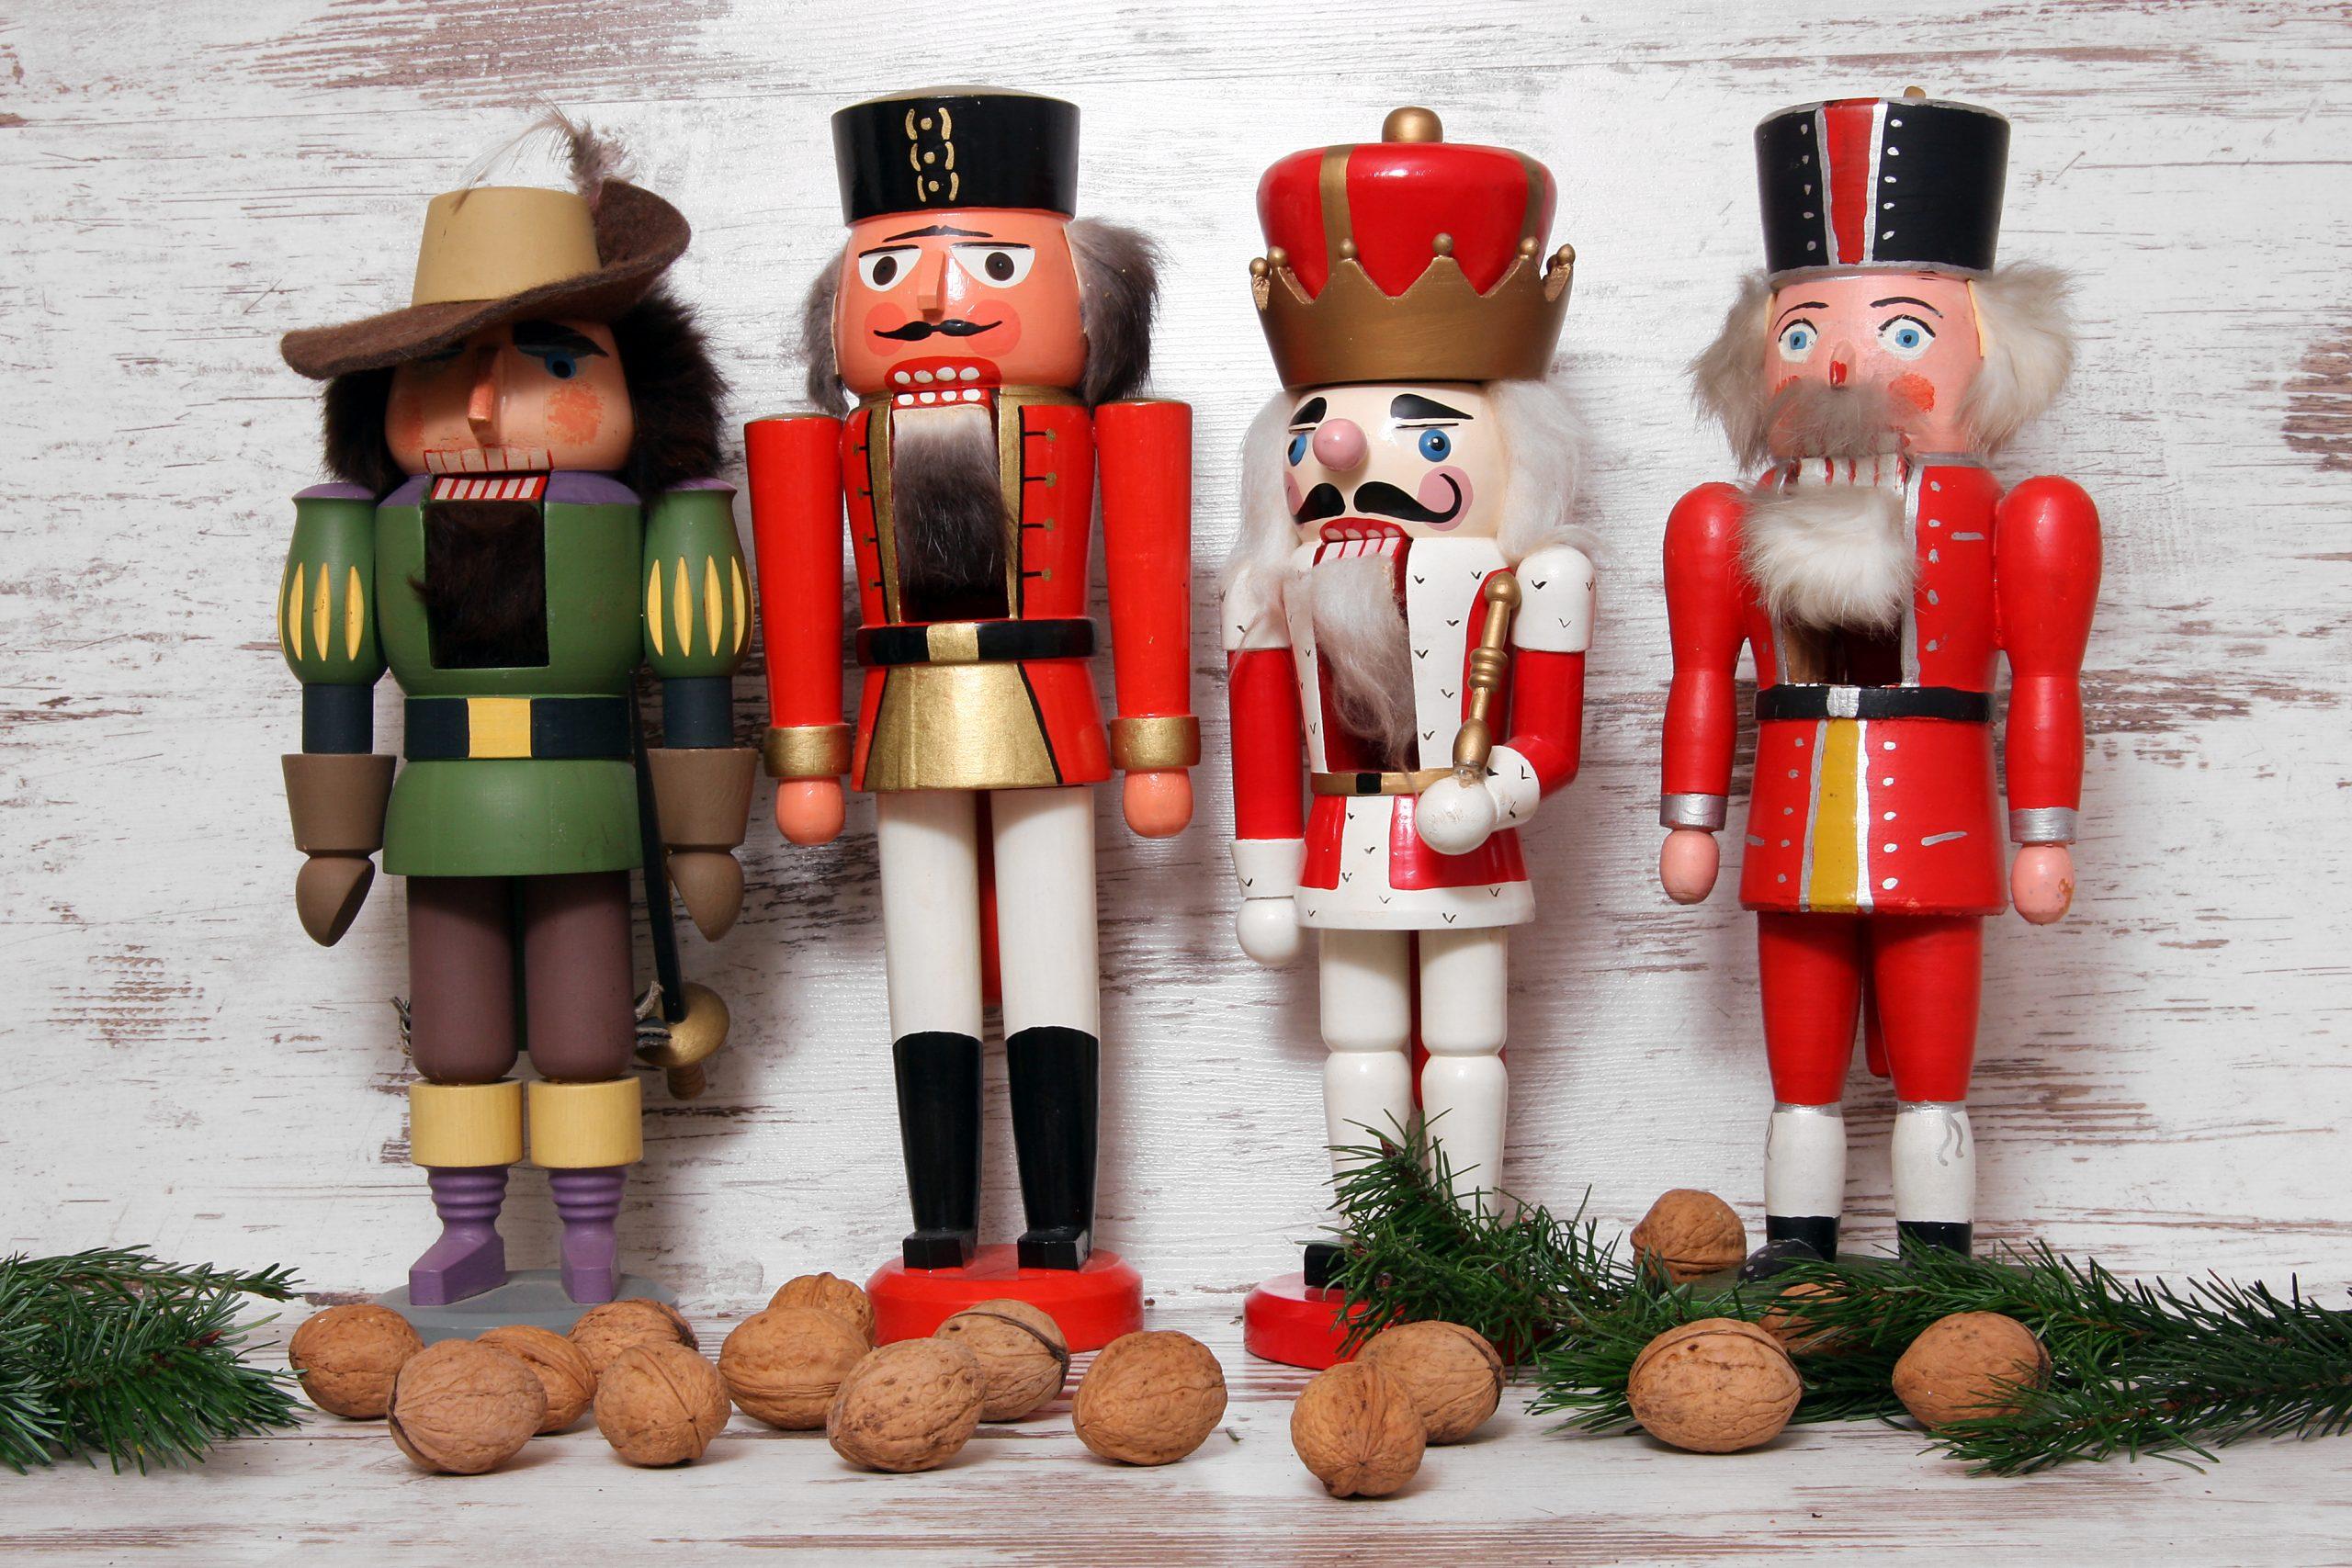 Skandinavische Weihnachtsdeko: Test & Empfehlungen (01/20)